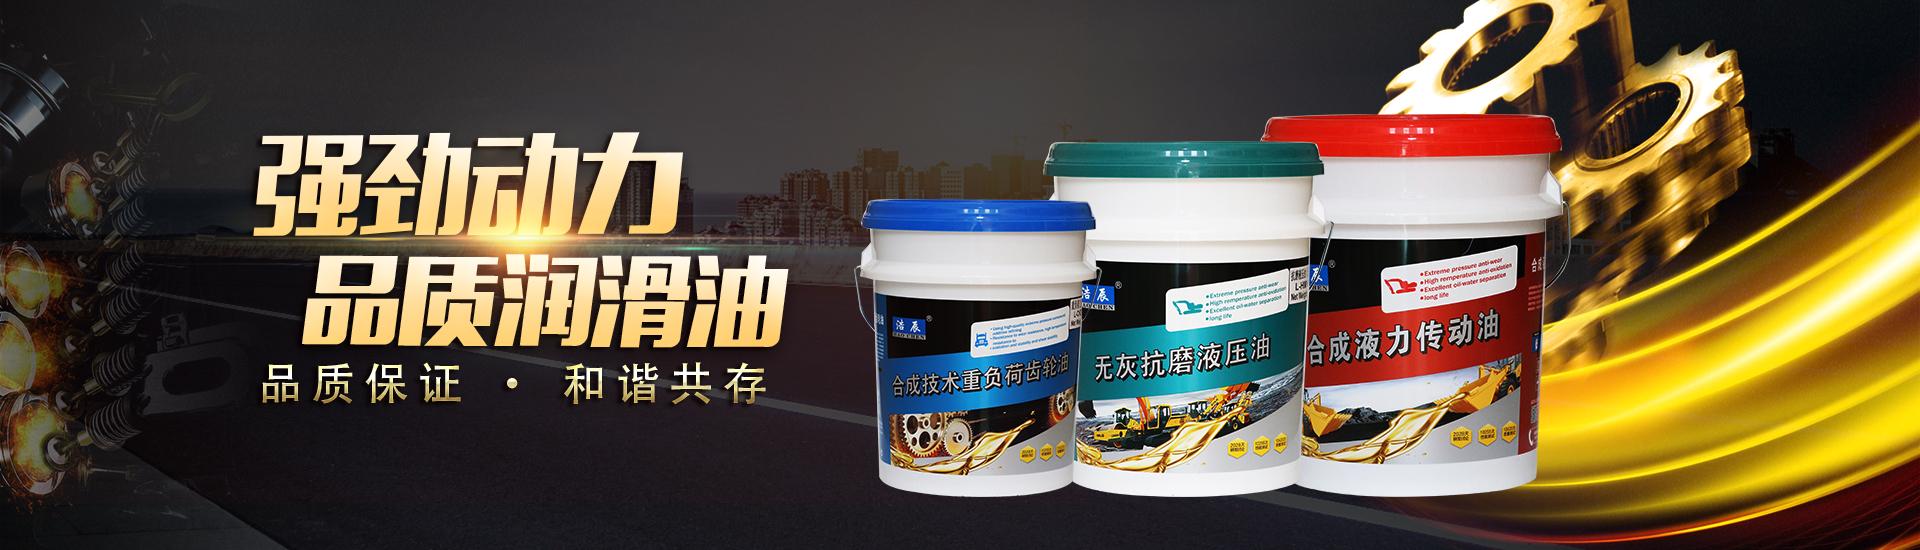 福建省龙岩晨燊商贸发展有限公司